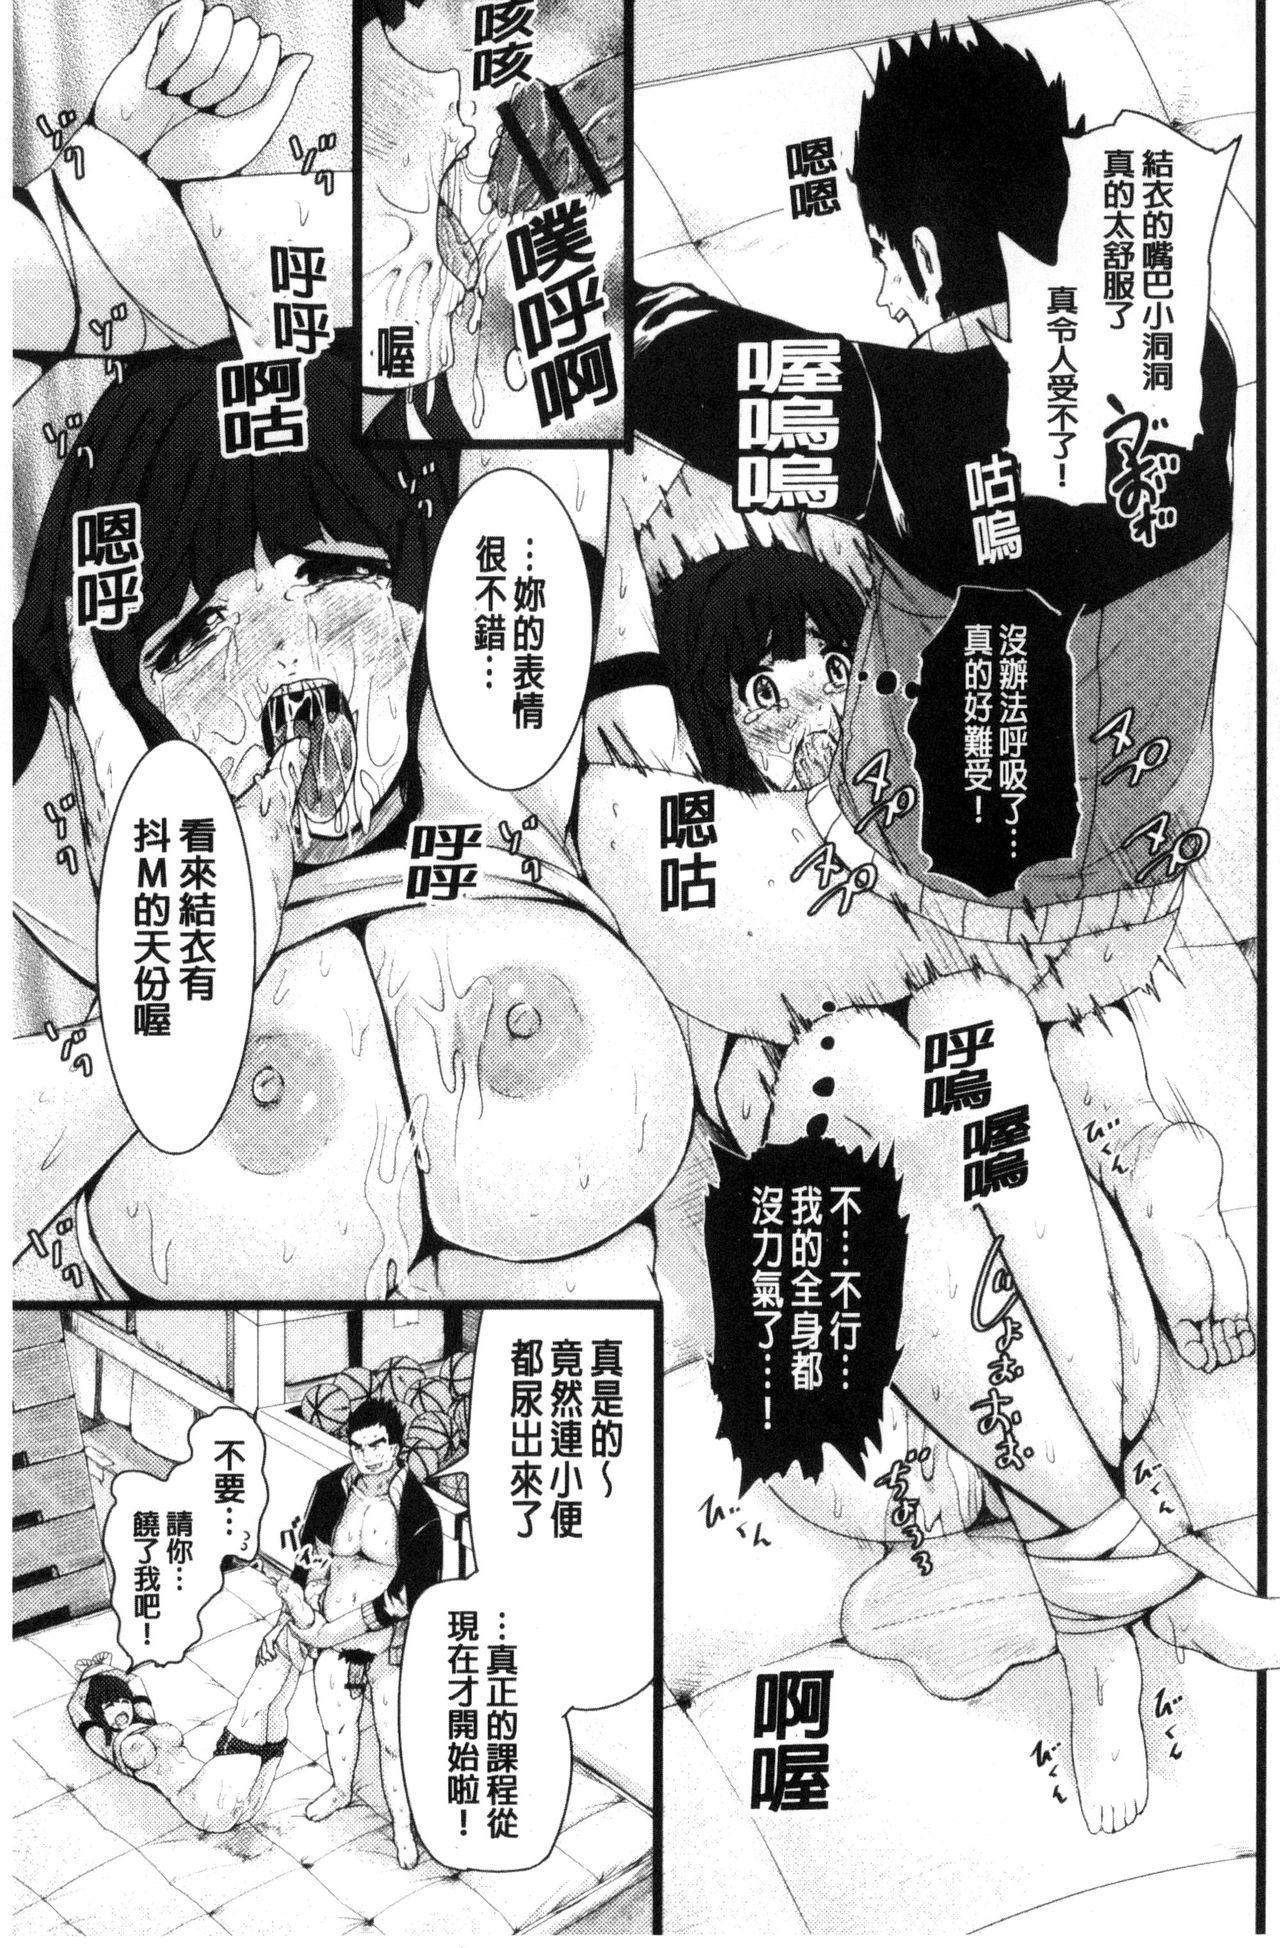 R18 Hatsuiku Shoujo 62